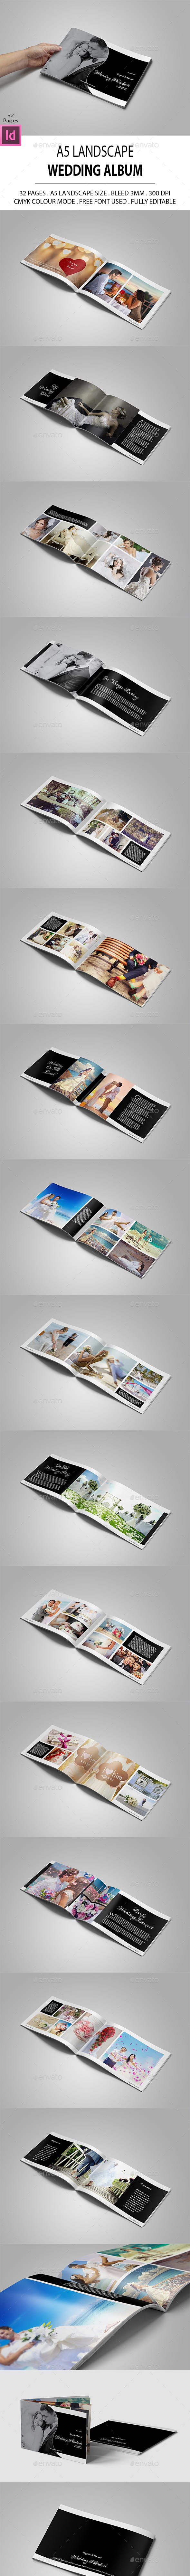 A5 Landscape Wedding Album